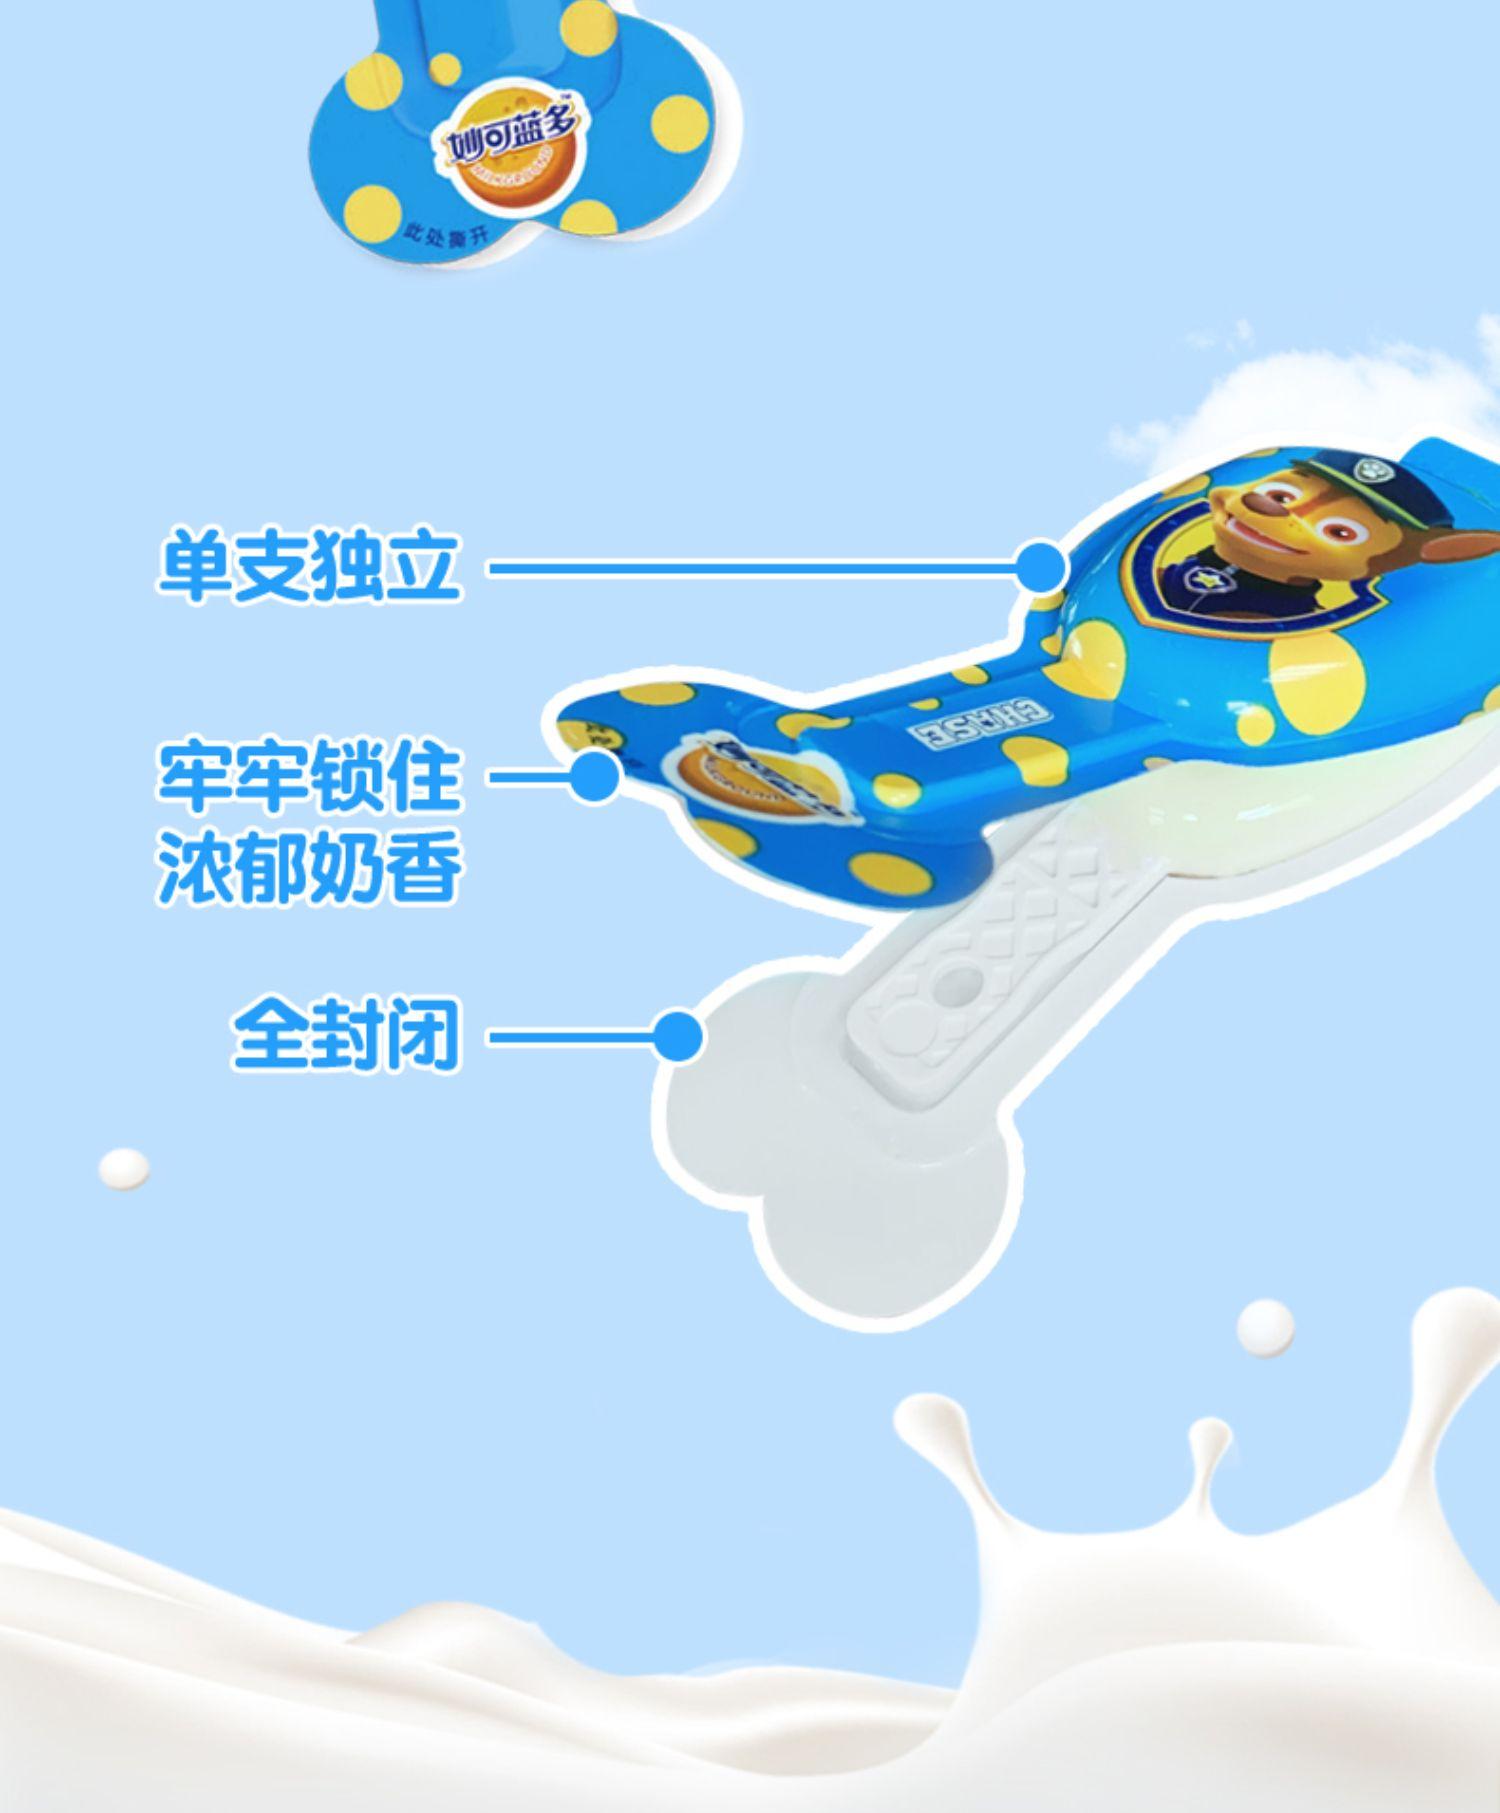 【赠5支】妙可蓝多高钙奶酪棒50支